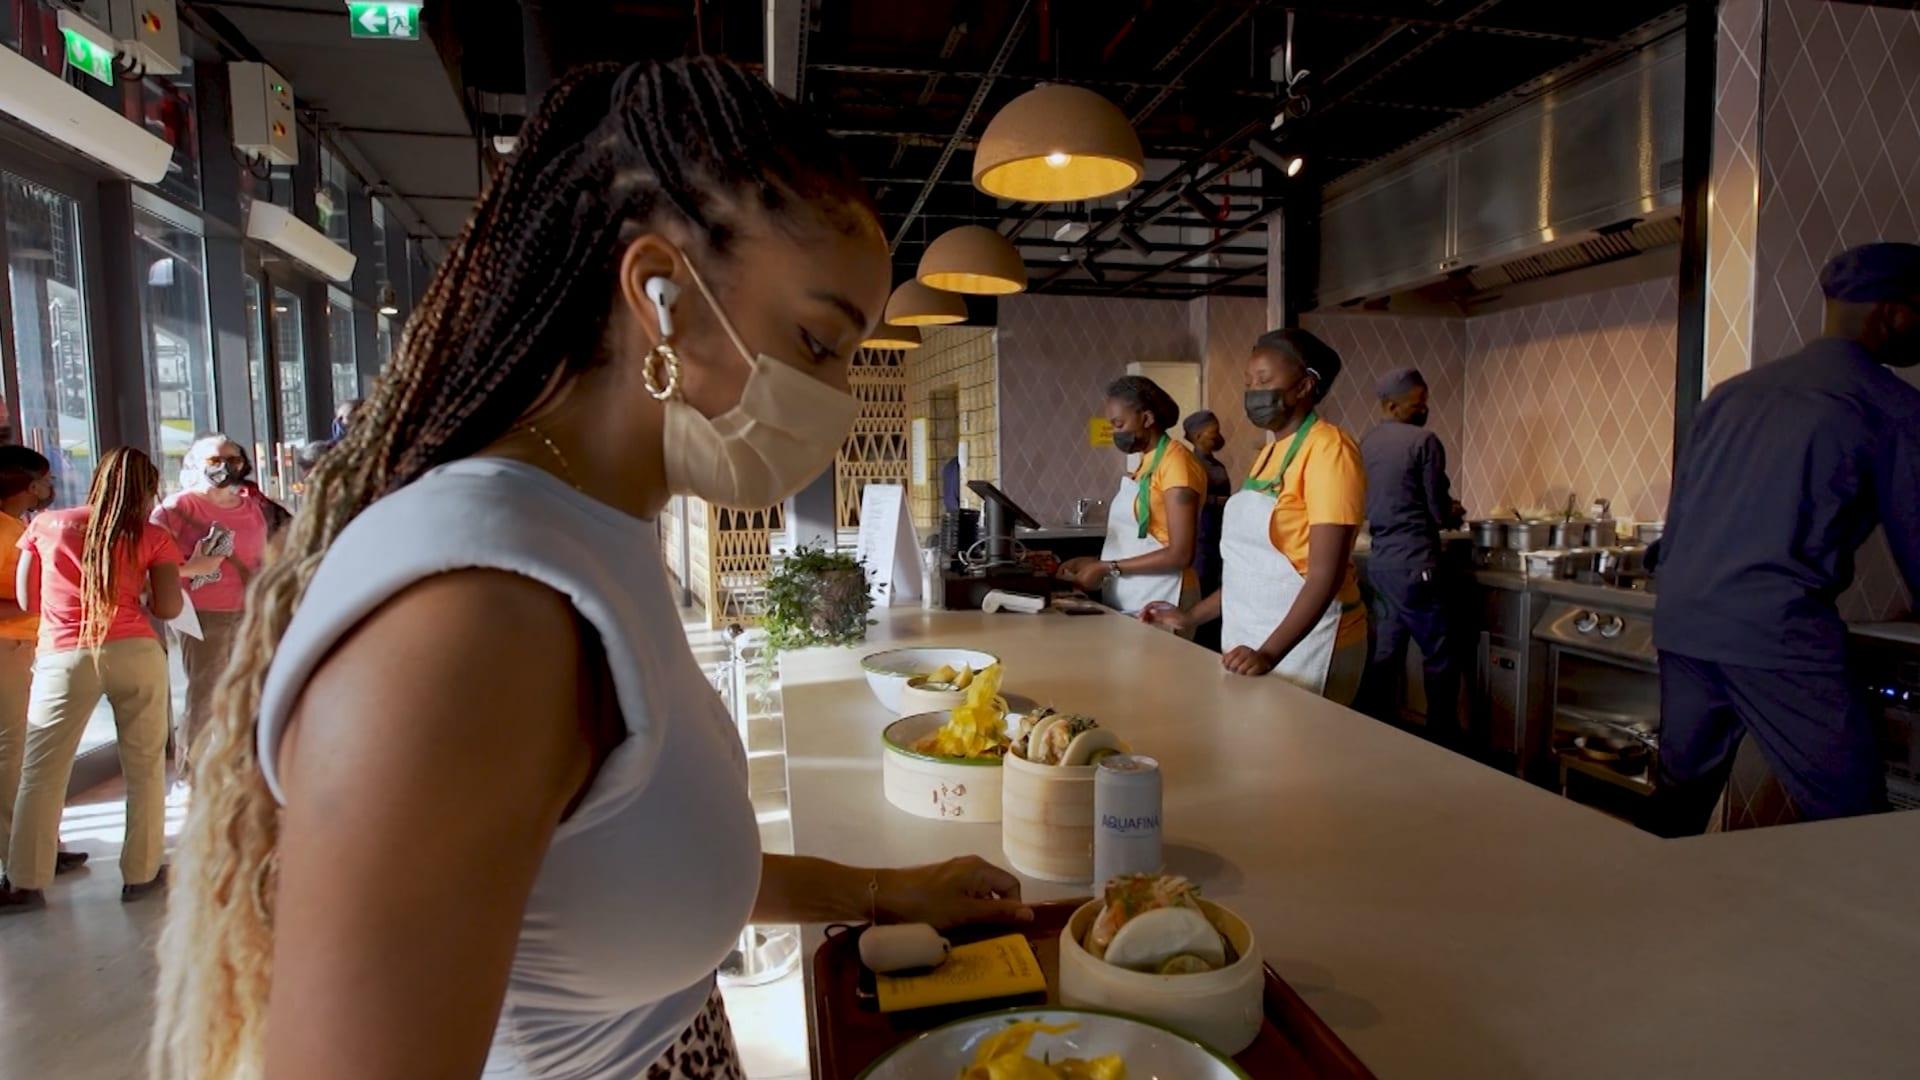 """""""الكيبولان"""".. قاعة خاصة بالطعام الأفريقي تجذب زوار إكسبو 2020 دبي"""